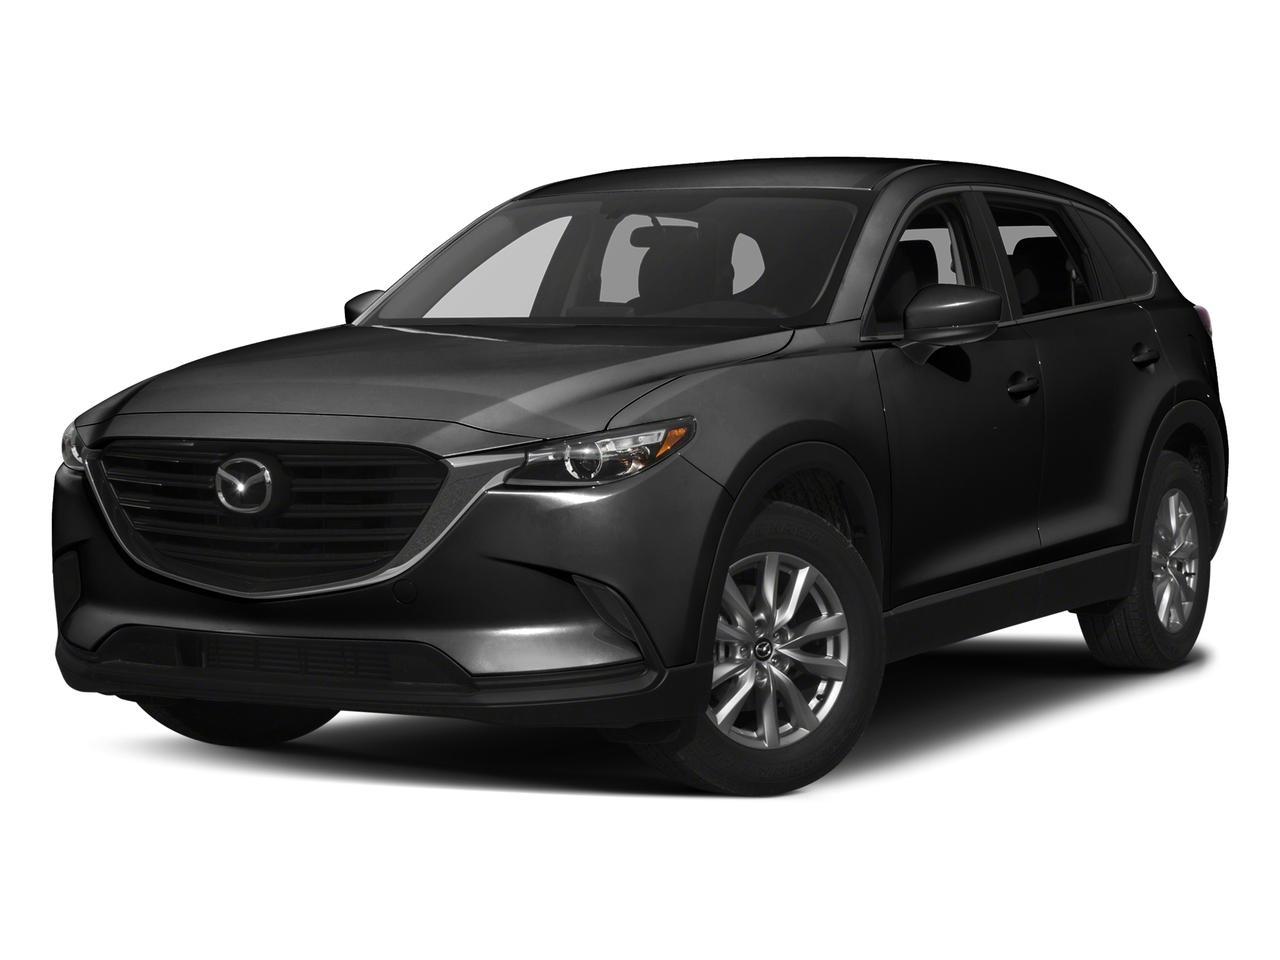 2017 Mazda CX-9 Vehicle Photo in Appleton, WI 54913